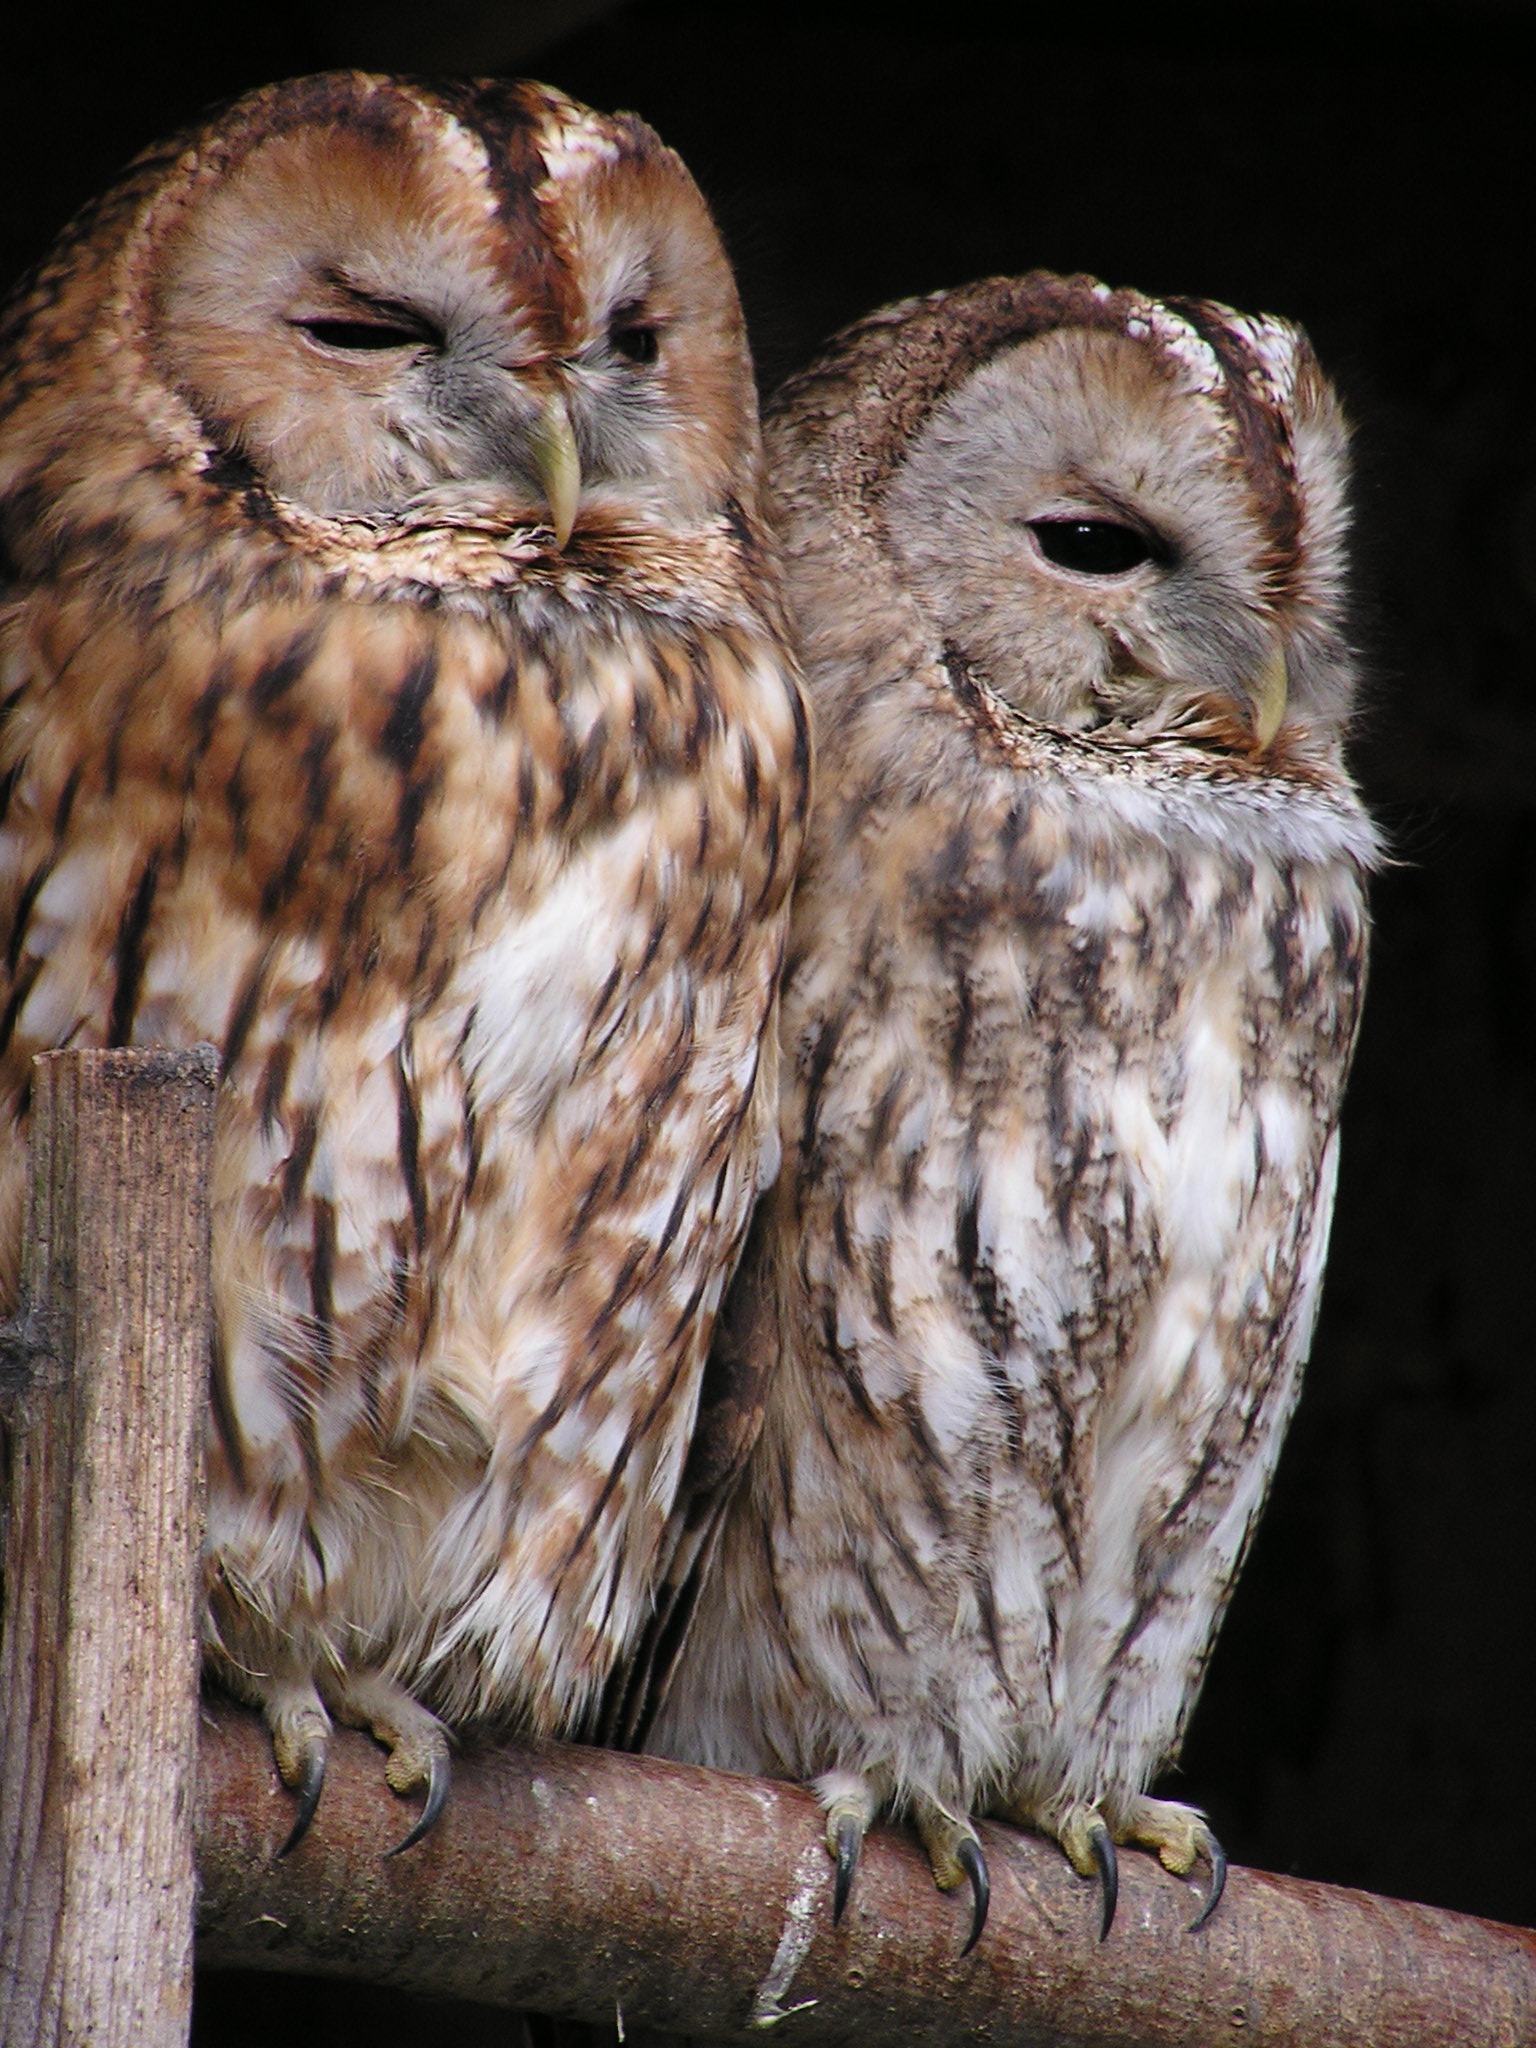 Oiseaux couple de chouette hiboux images gratuites et libres de droits - Image de chouette gratuite ...